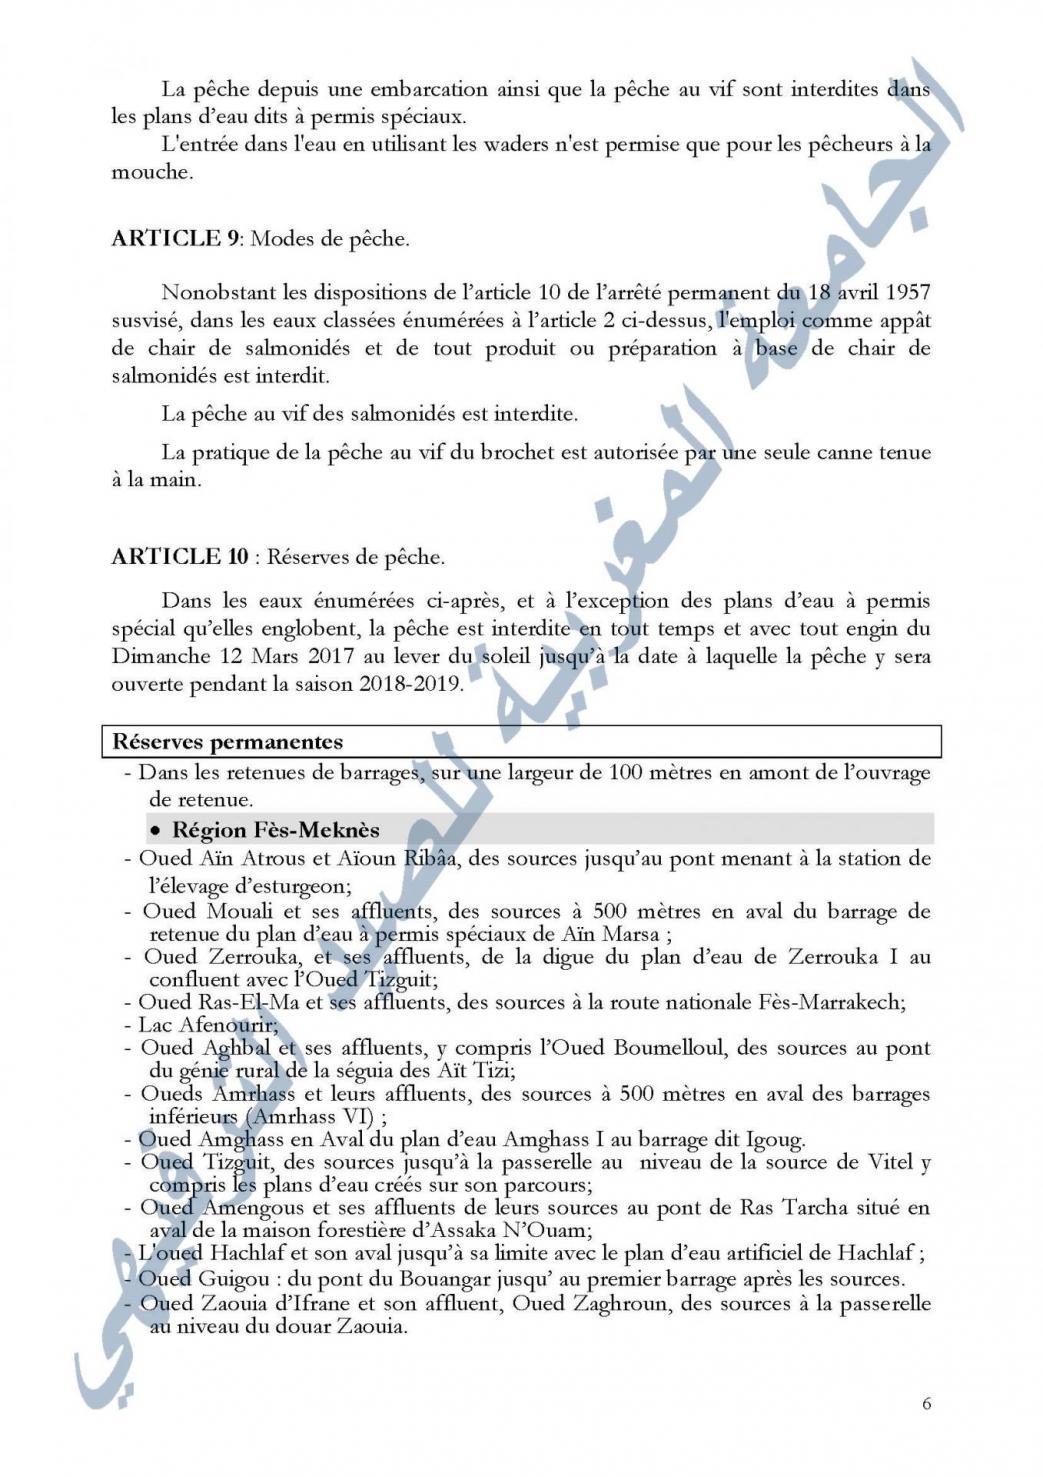 Arrete 17 18 page 6